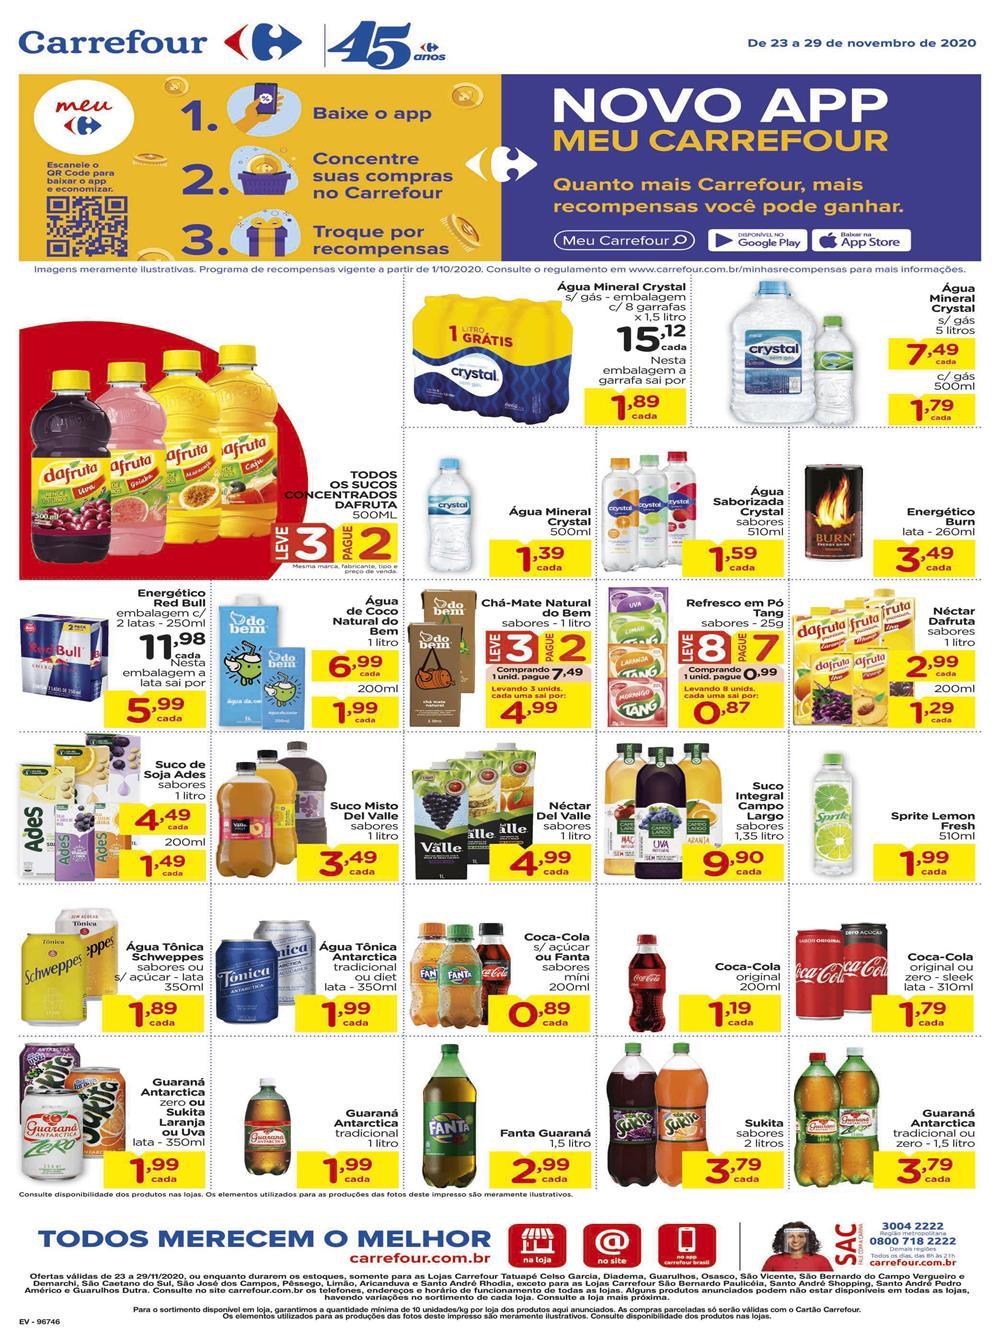 carrefour-ofertas-descontos-hoje8-4 Carrefour até 29/11